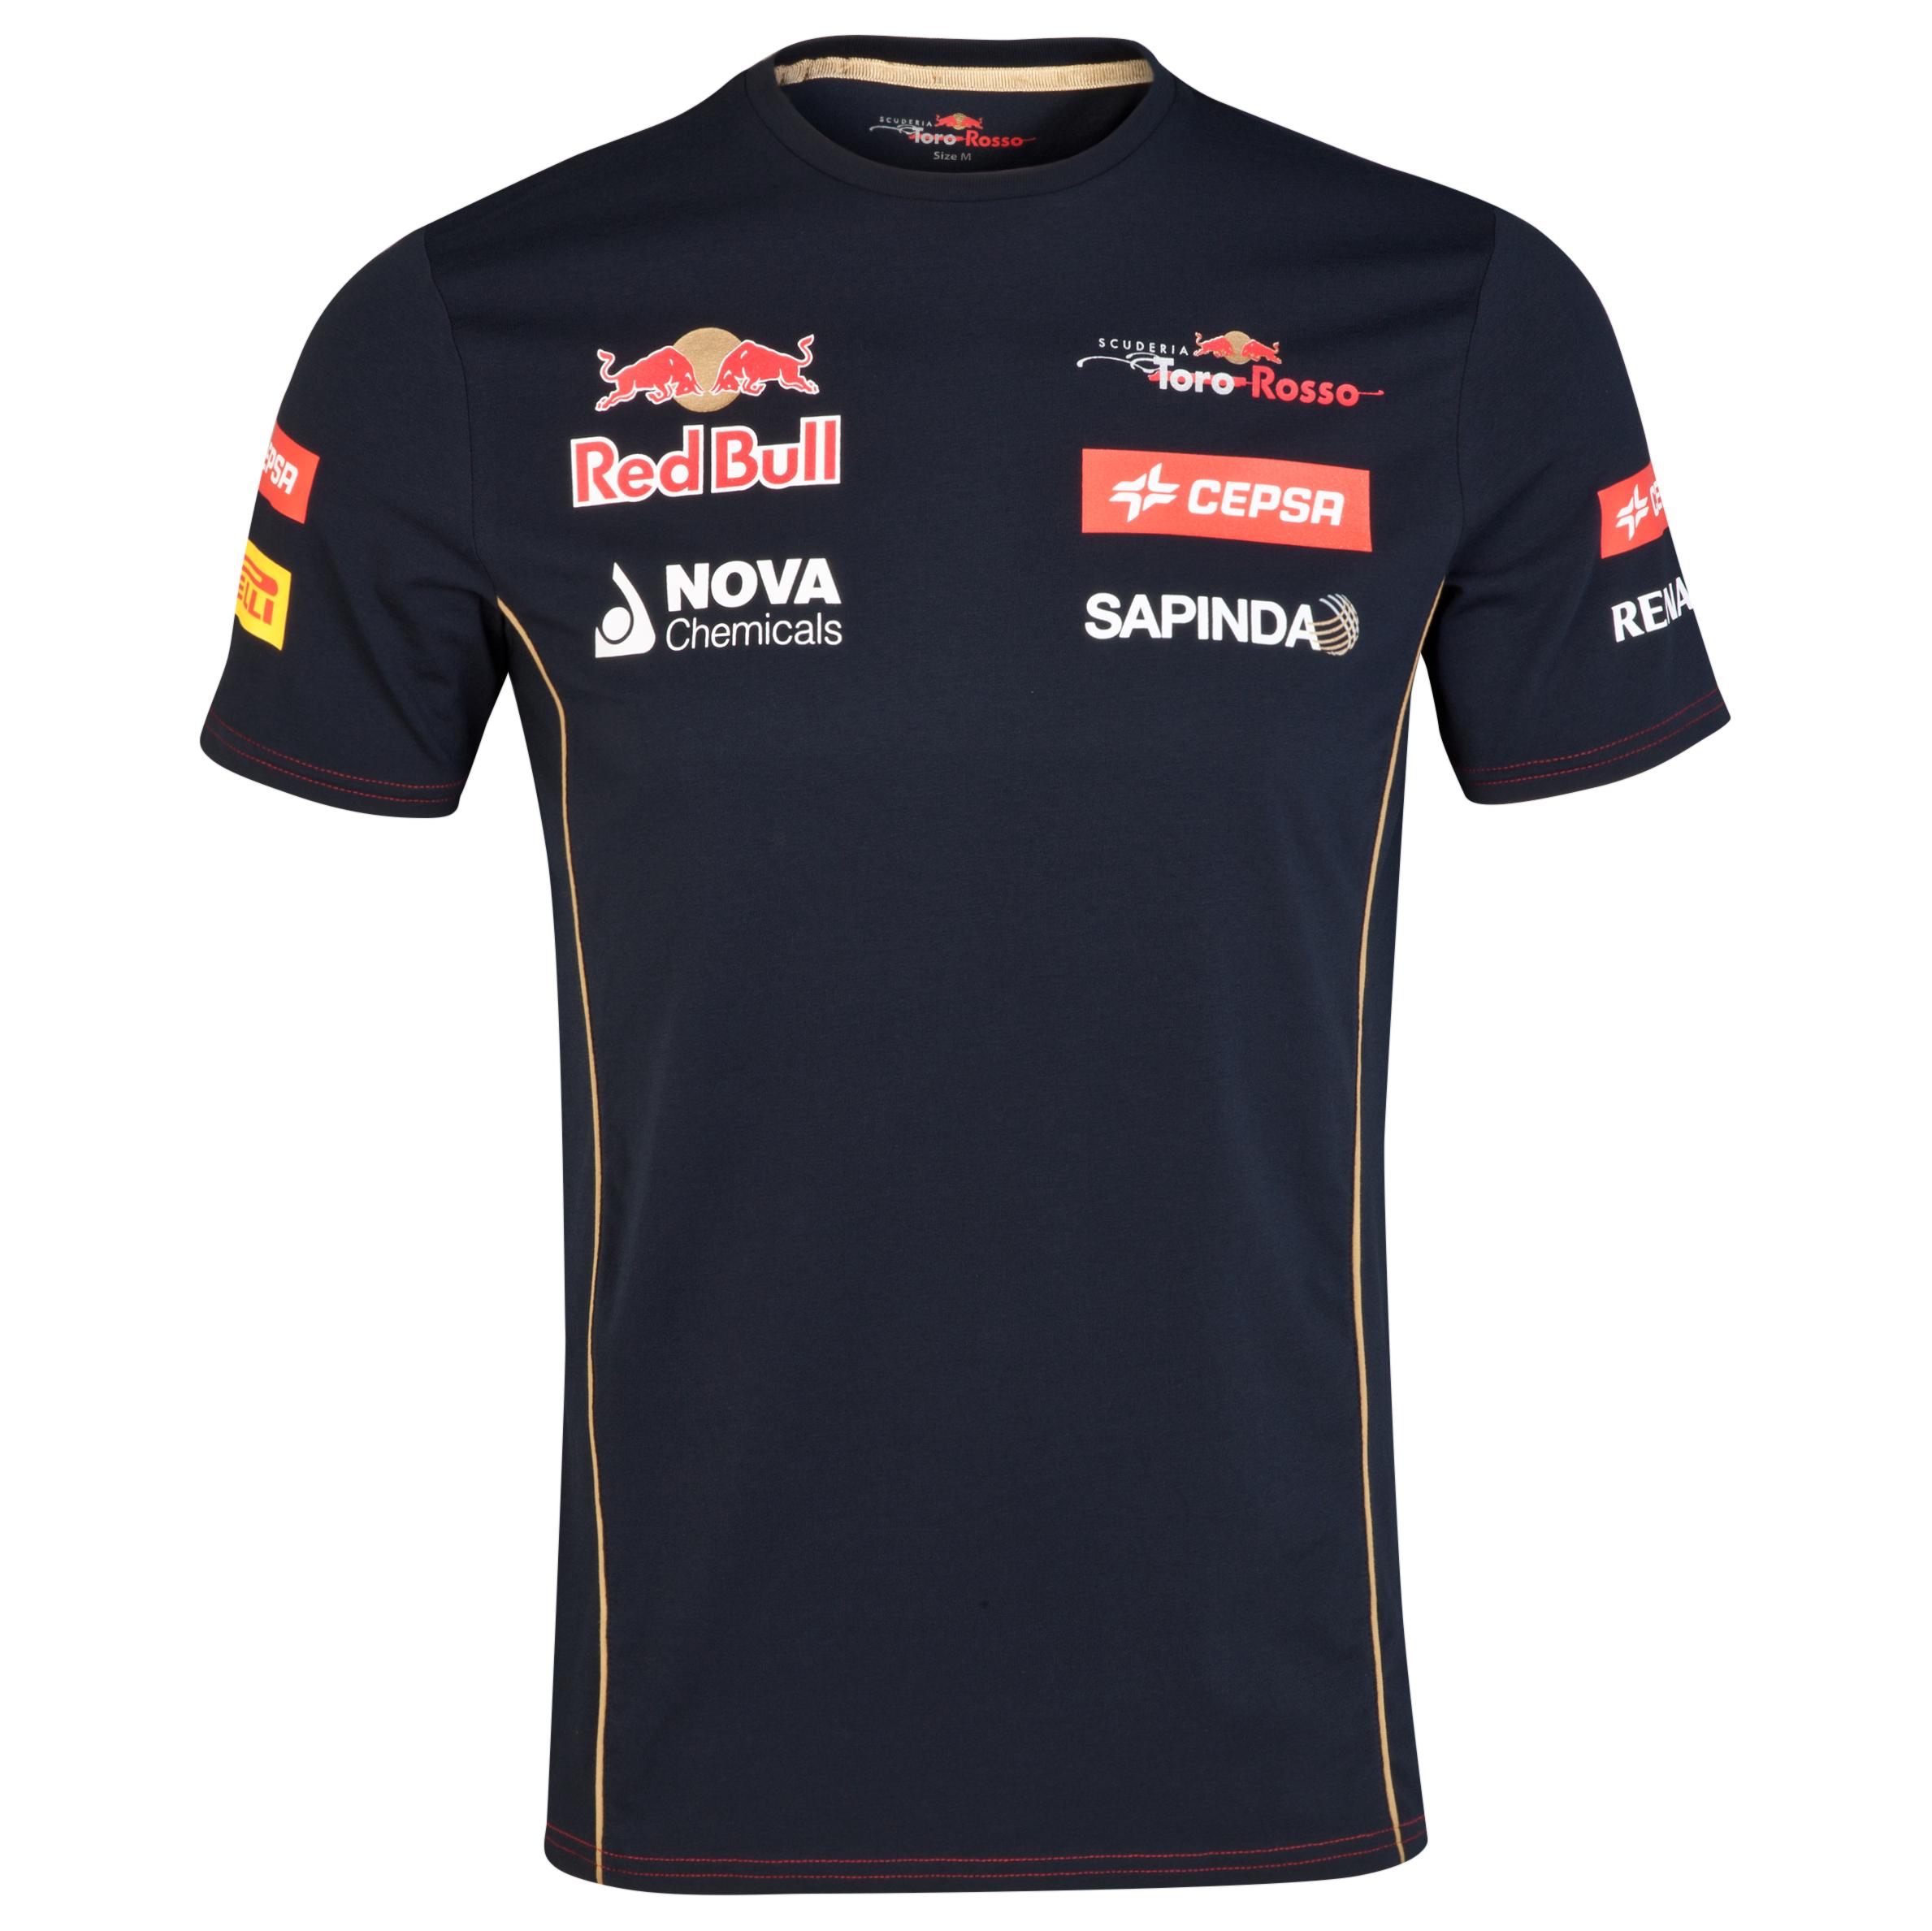 Scuderia Toro Rosso F1 Teamline T-Shirt